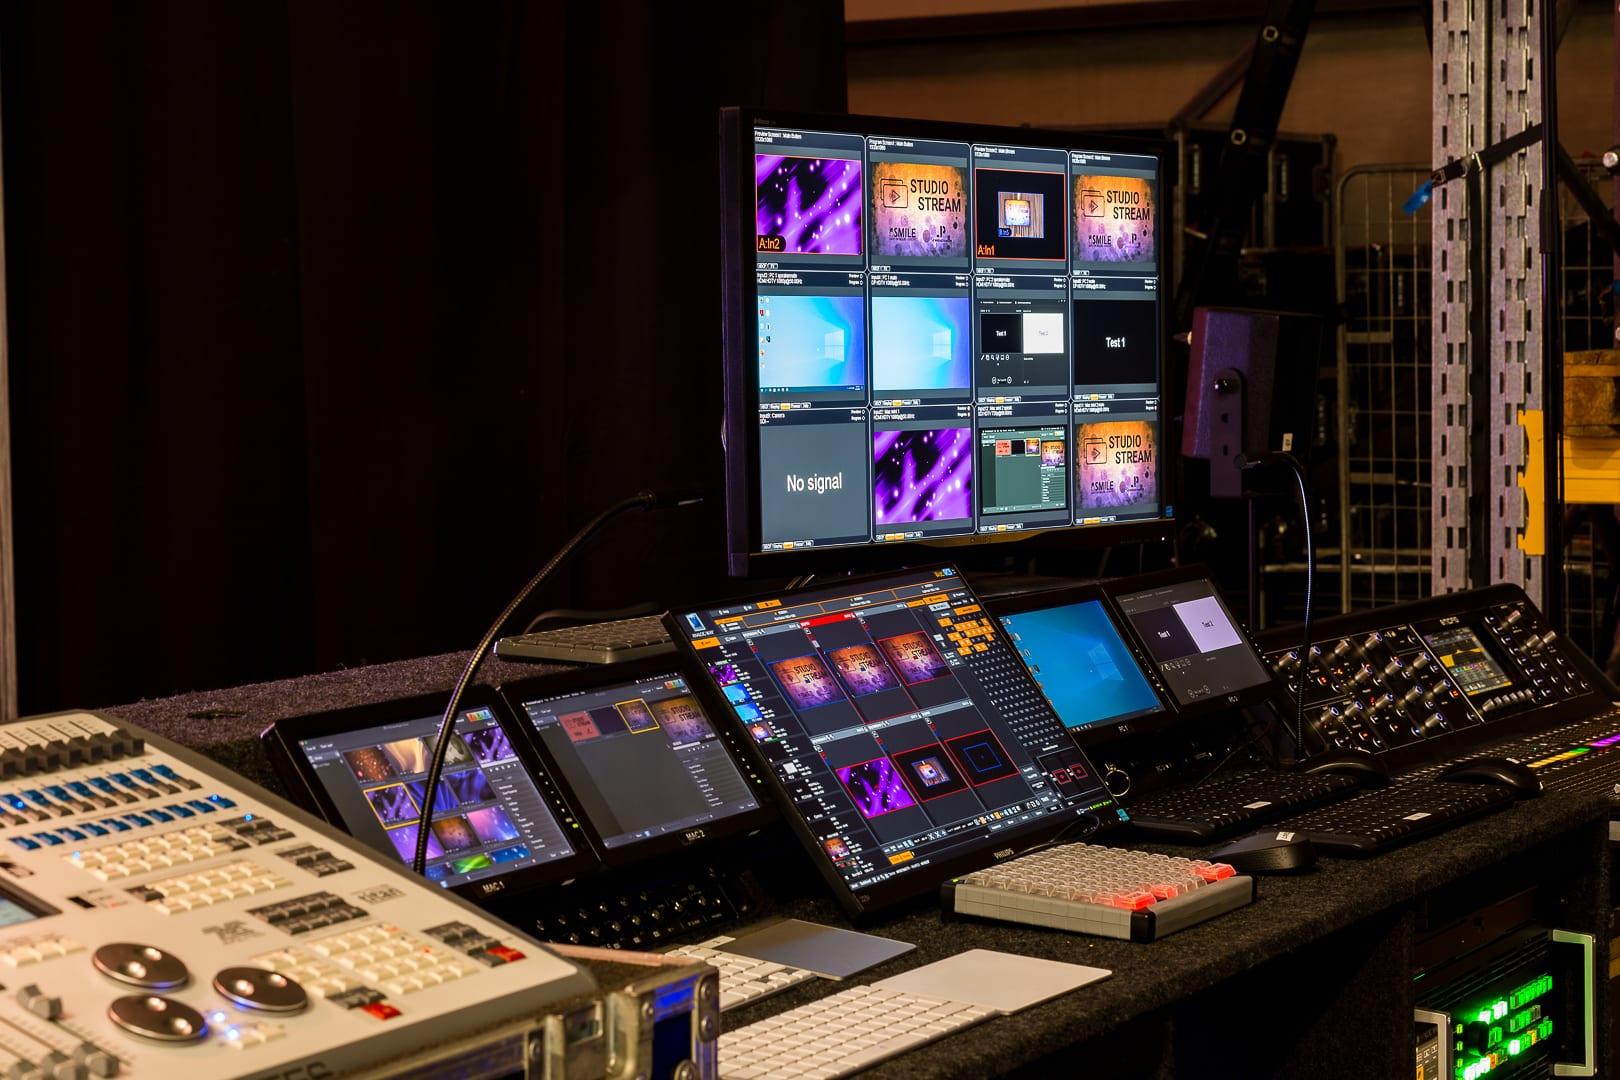 Studio_Stream_Regie_3